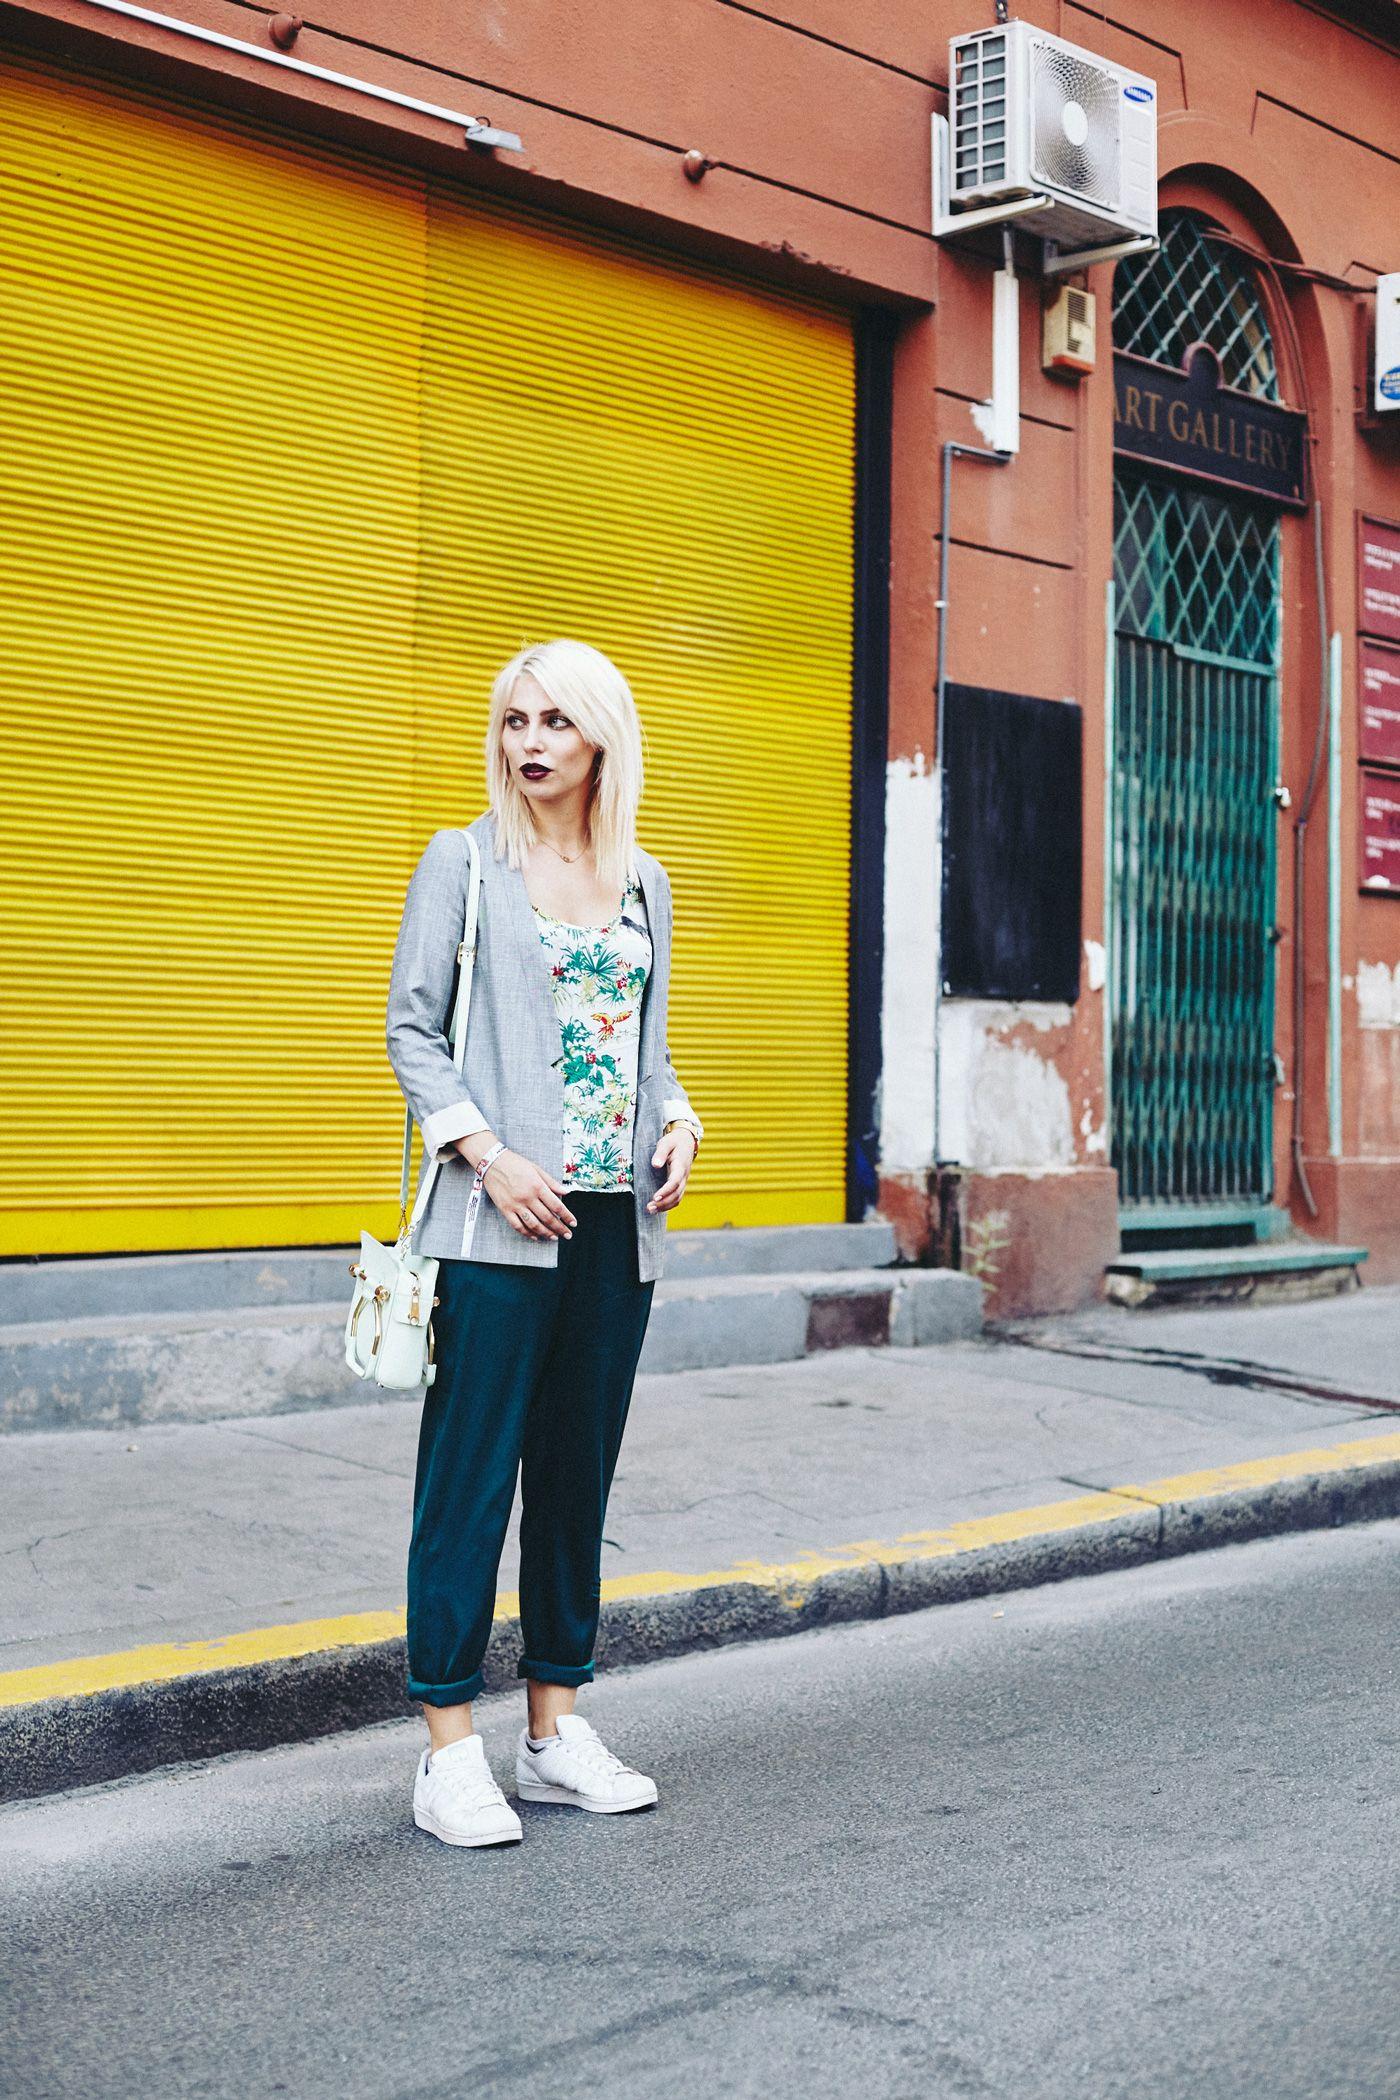 Colorful Fashion | Street Style from Budapest | via Masha Sedgwick